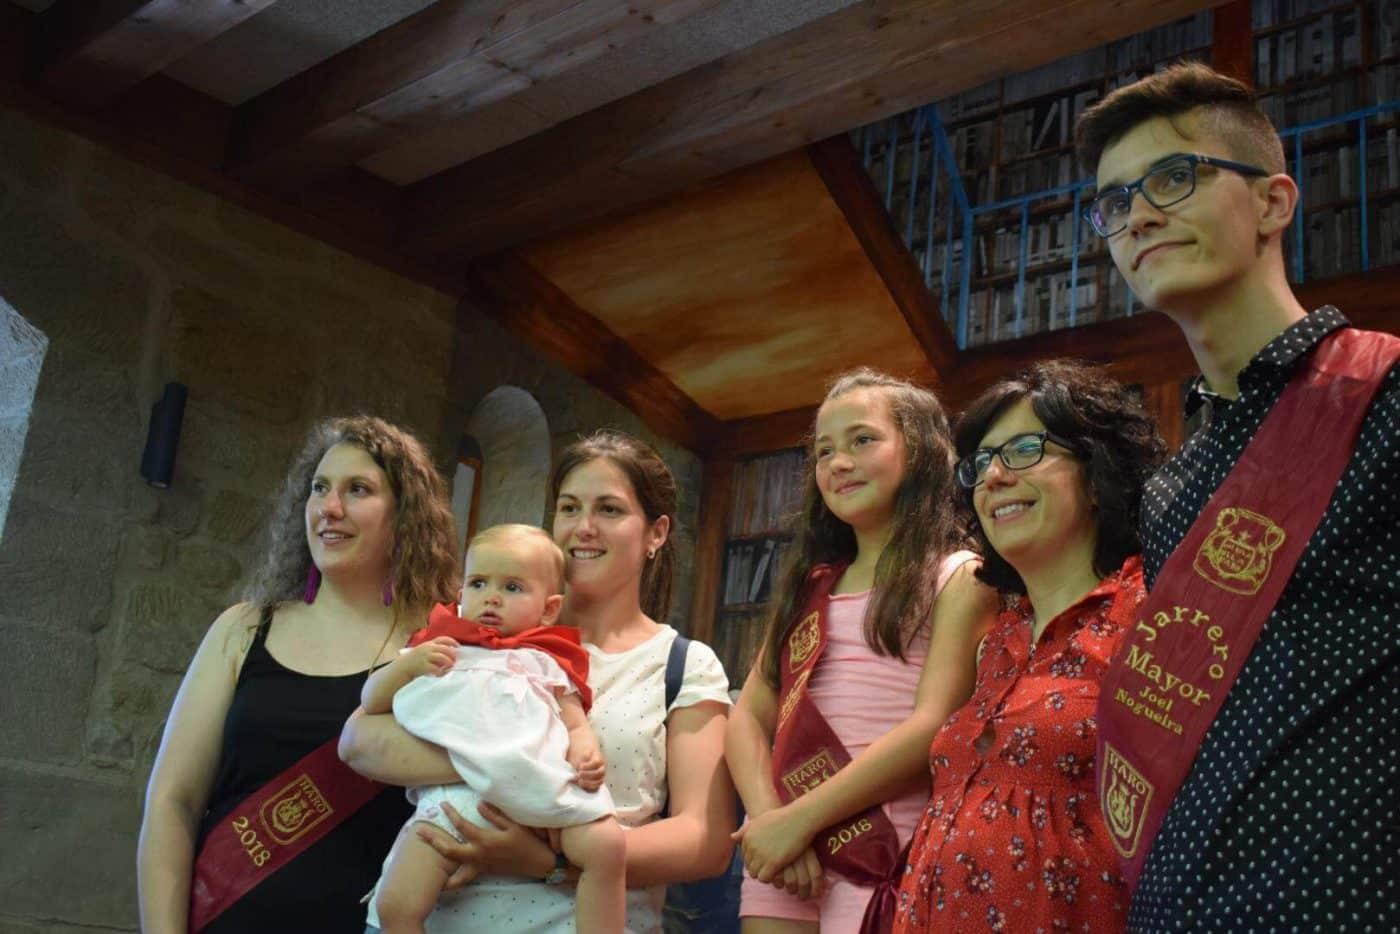 Bautismo festivo para casi 70 niños en Haro 15